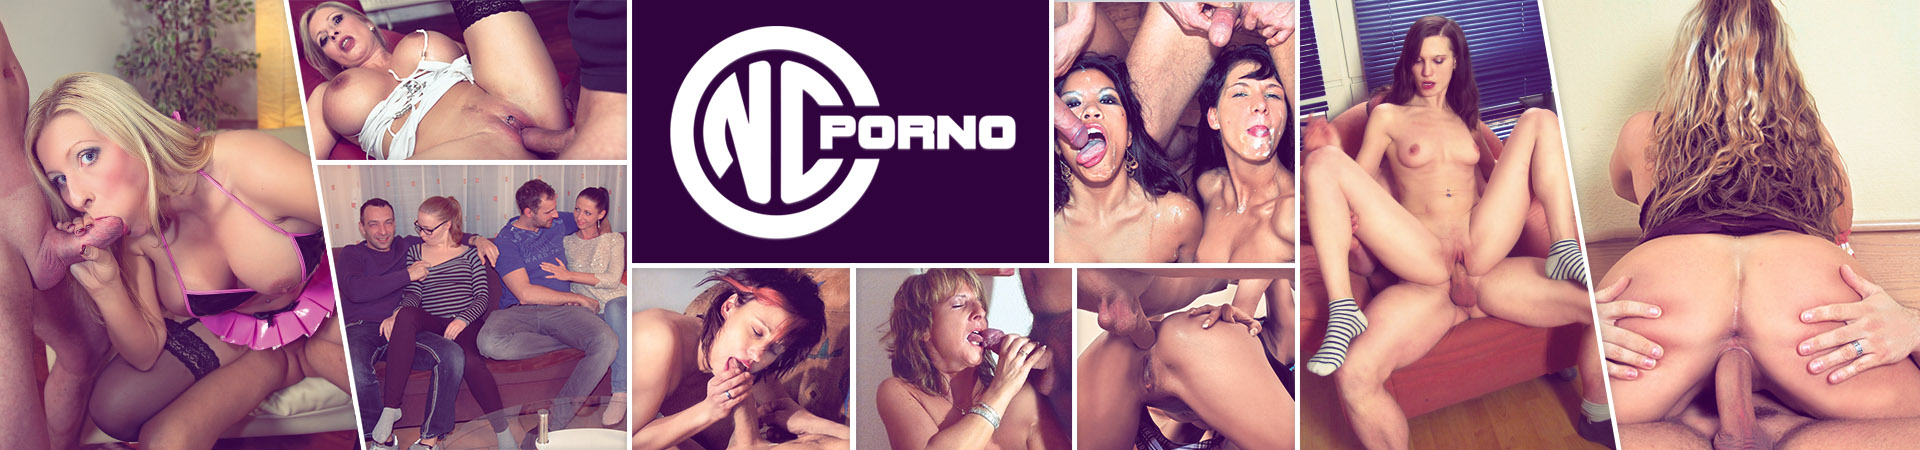 Pornos german GERMAN PORN